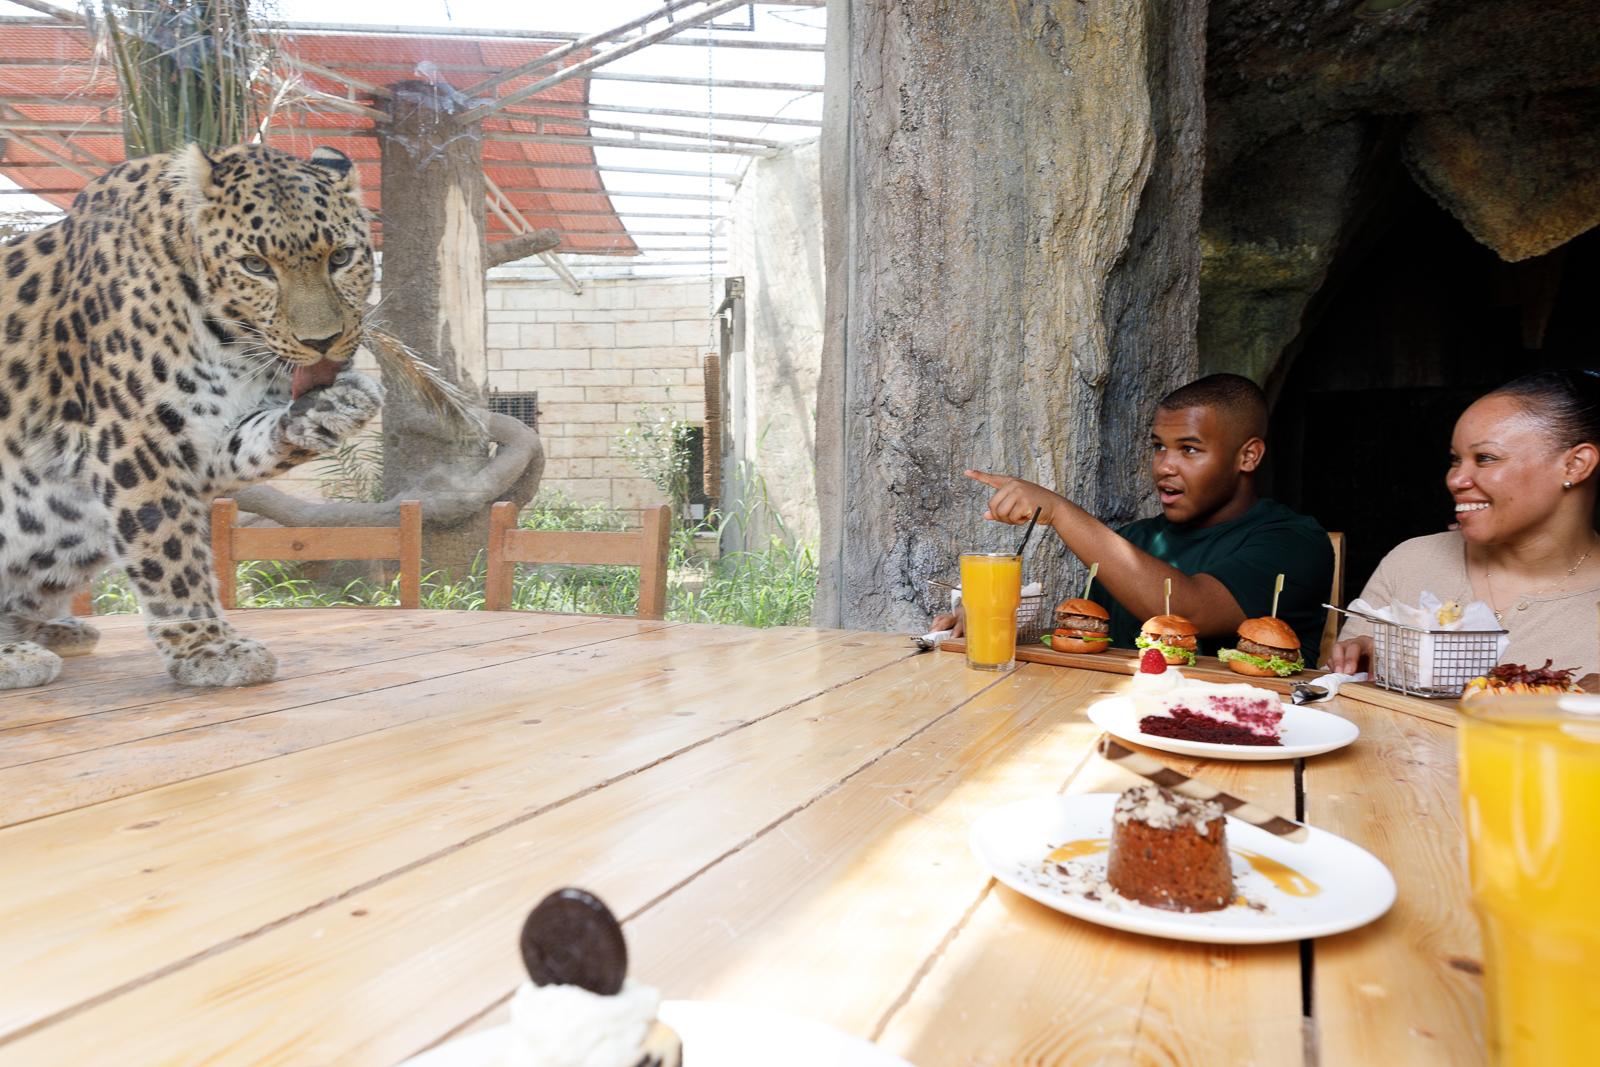 غداء برفقة الفهود في حديقة الإمارات للحيوانات